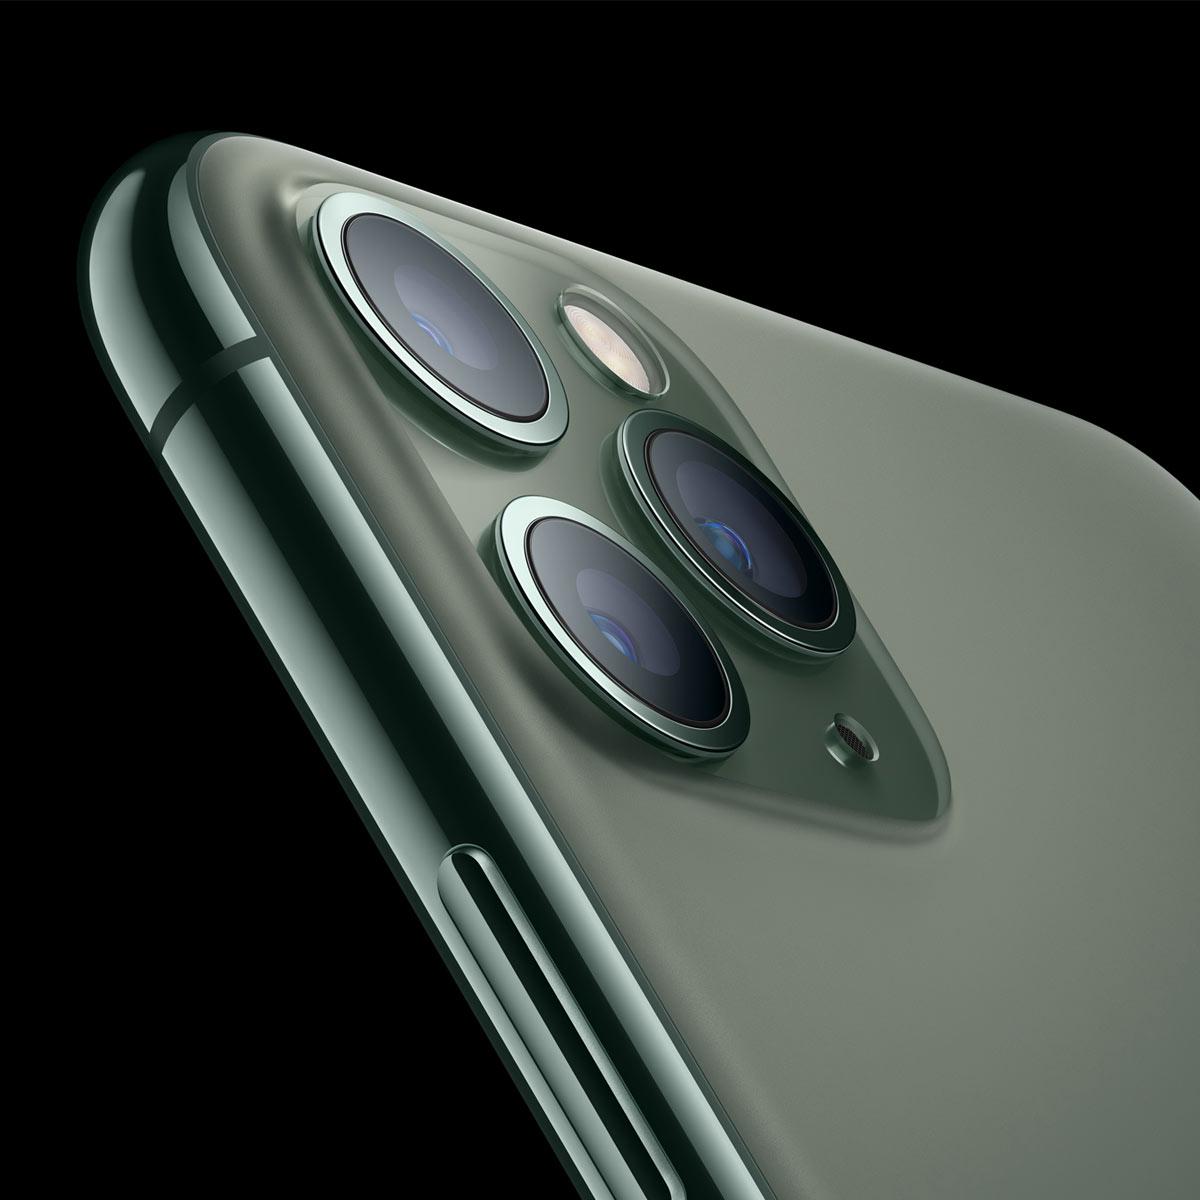 アップル、新型「iPhone 11」と3つのカメラを搭載した「iPhone 11 Pro/11 Pro Max」発表